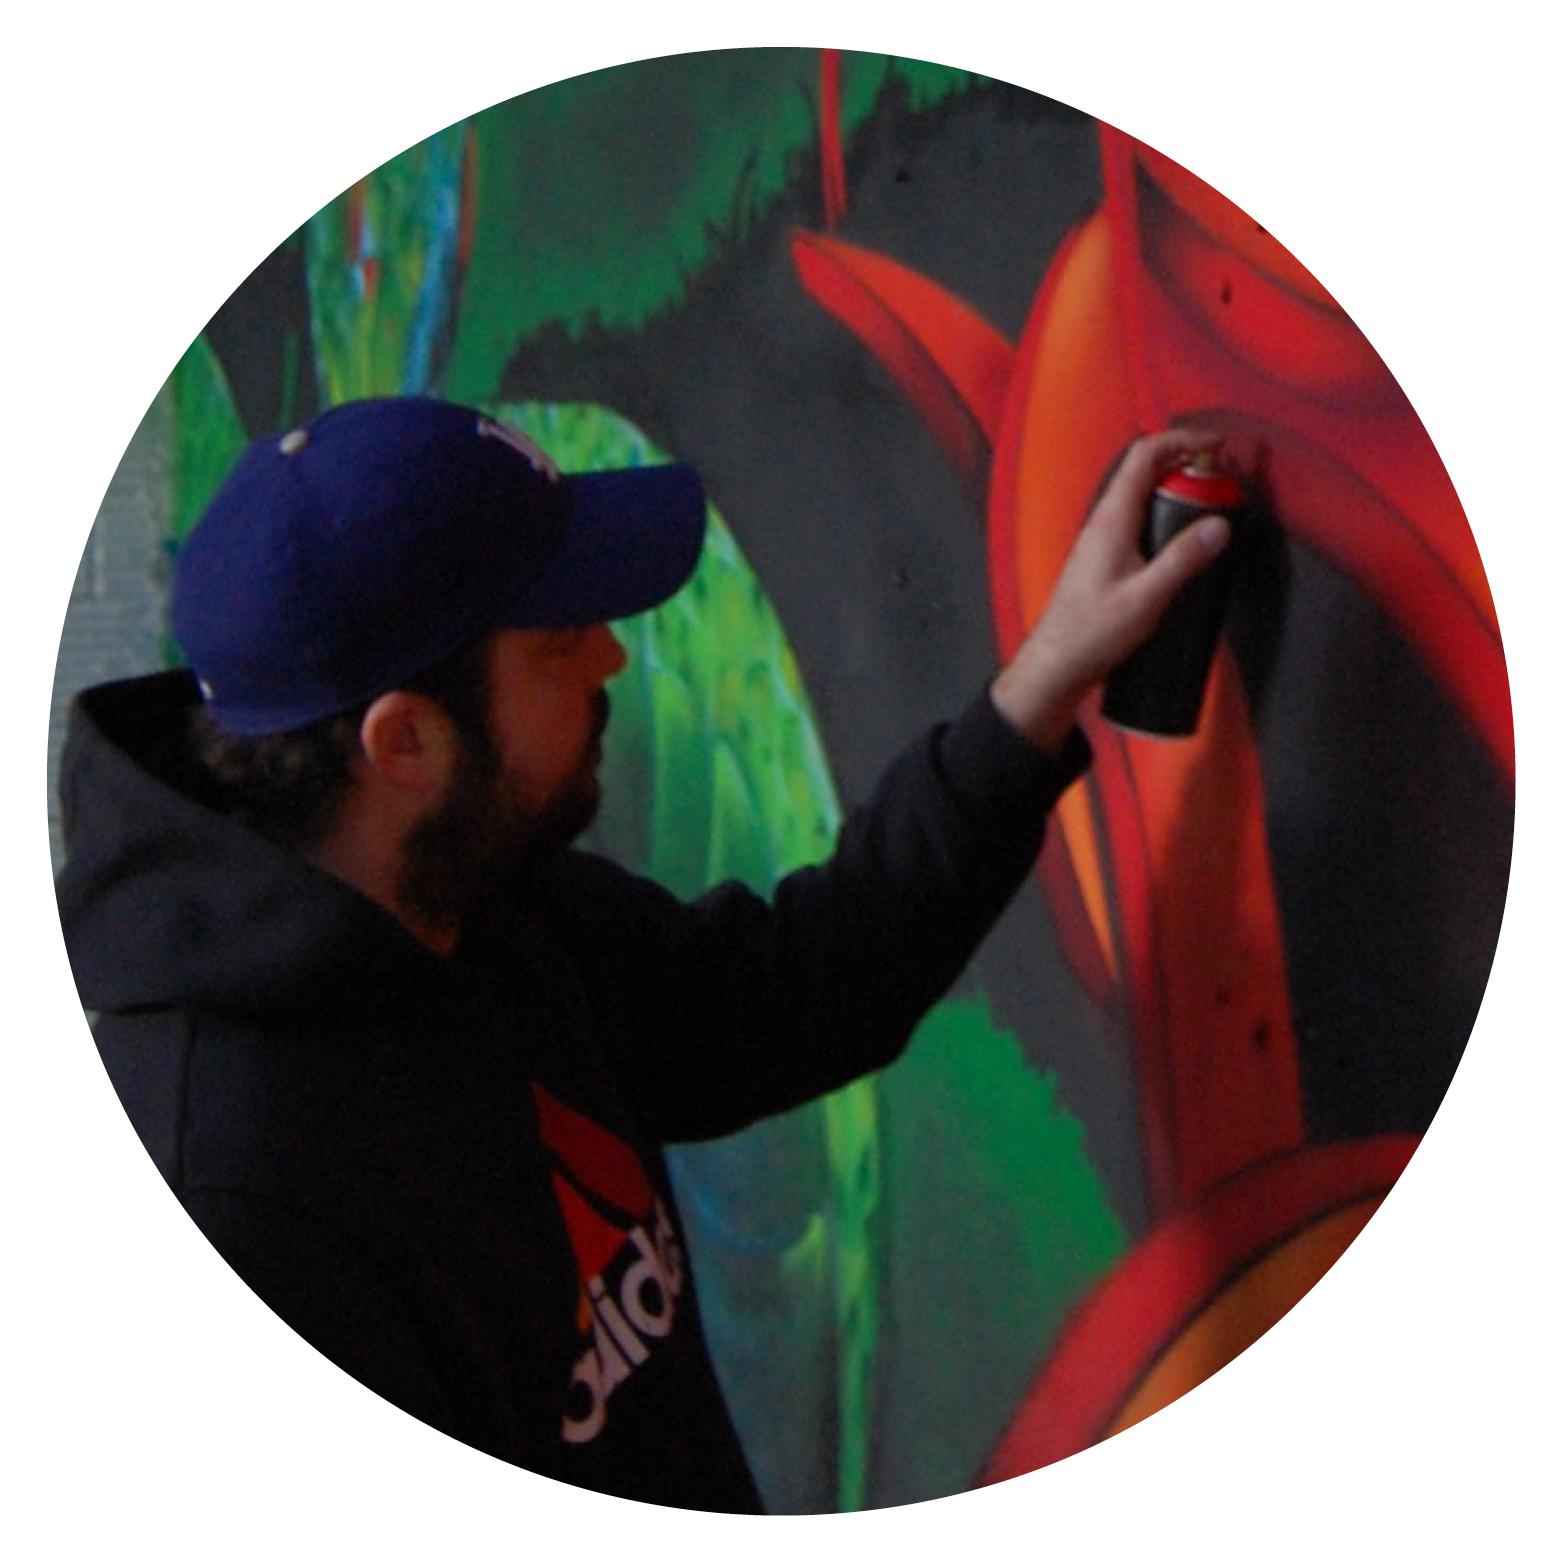 Graffeurs professionnels Lyon - Décoration graffiti